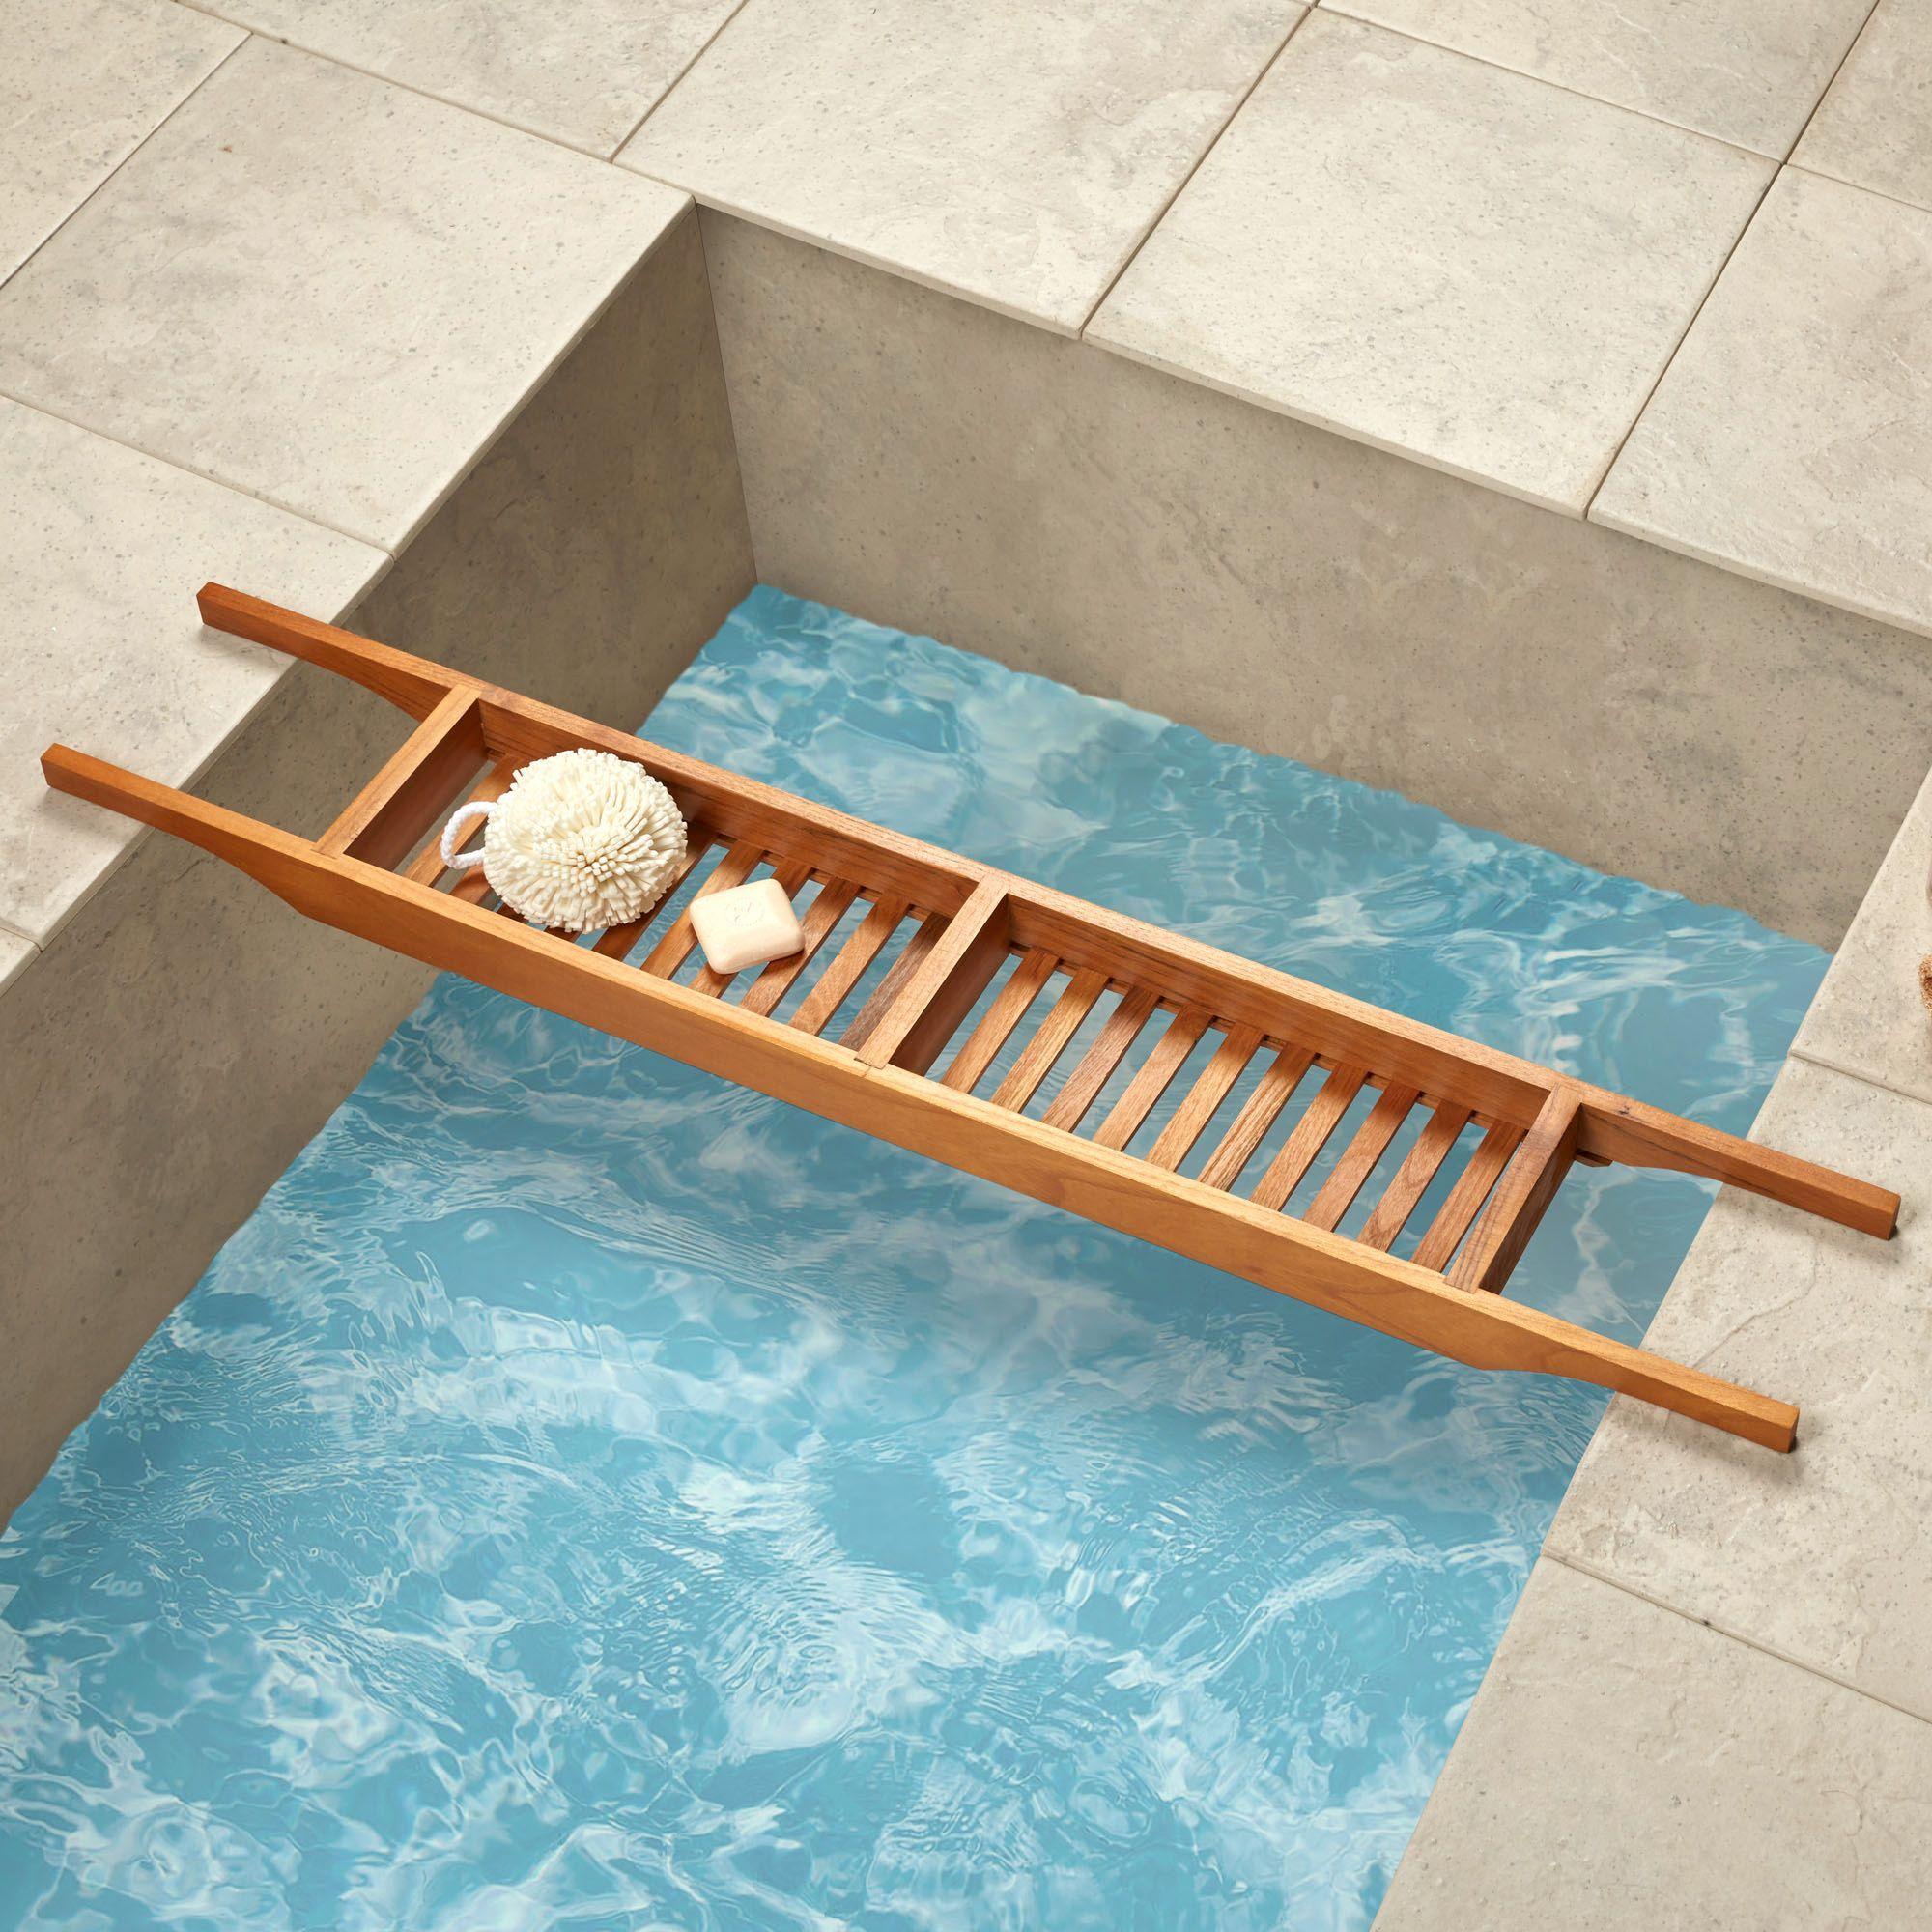 Bathtub Tray for Your Bathroom Accessories: Bathtub Tray | Teak ...